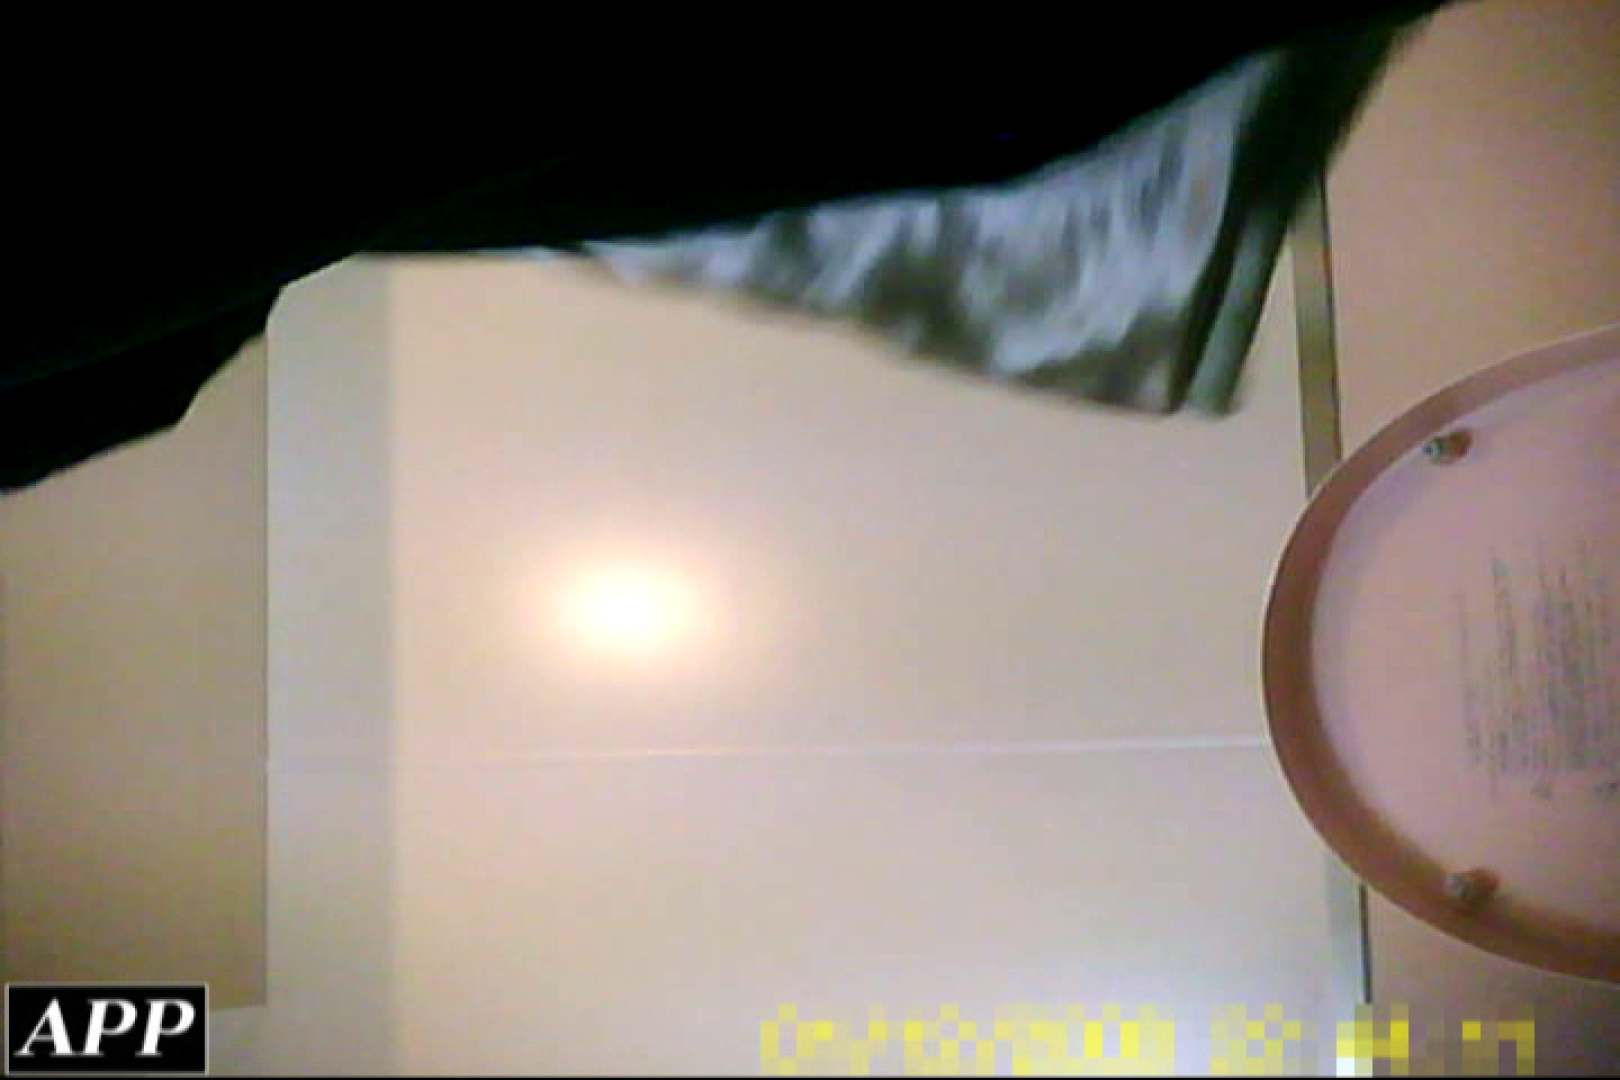 3視点洗面所 vol.74 オマンコ・ぱっくり AV動画キャプチャ 78画像 12